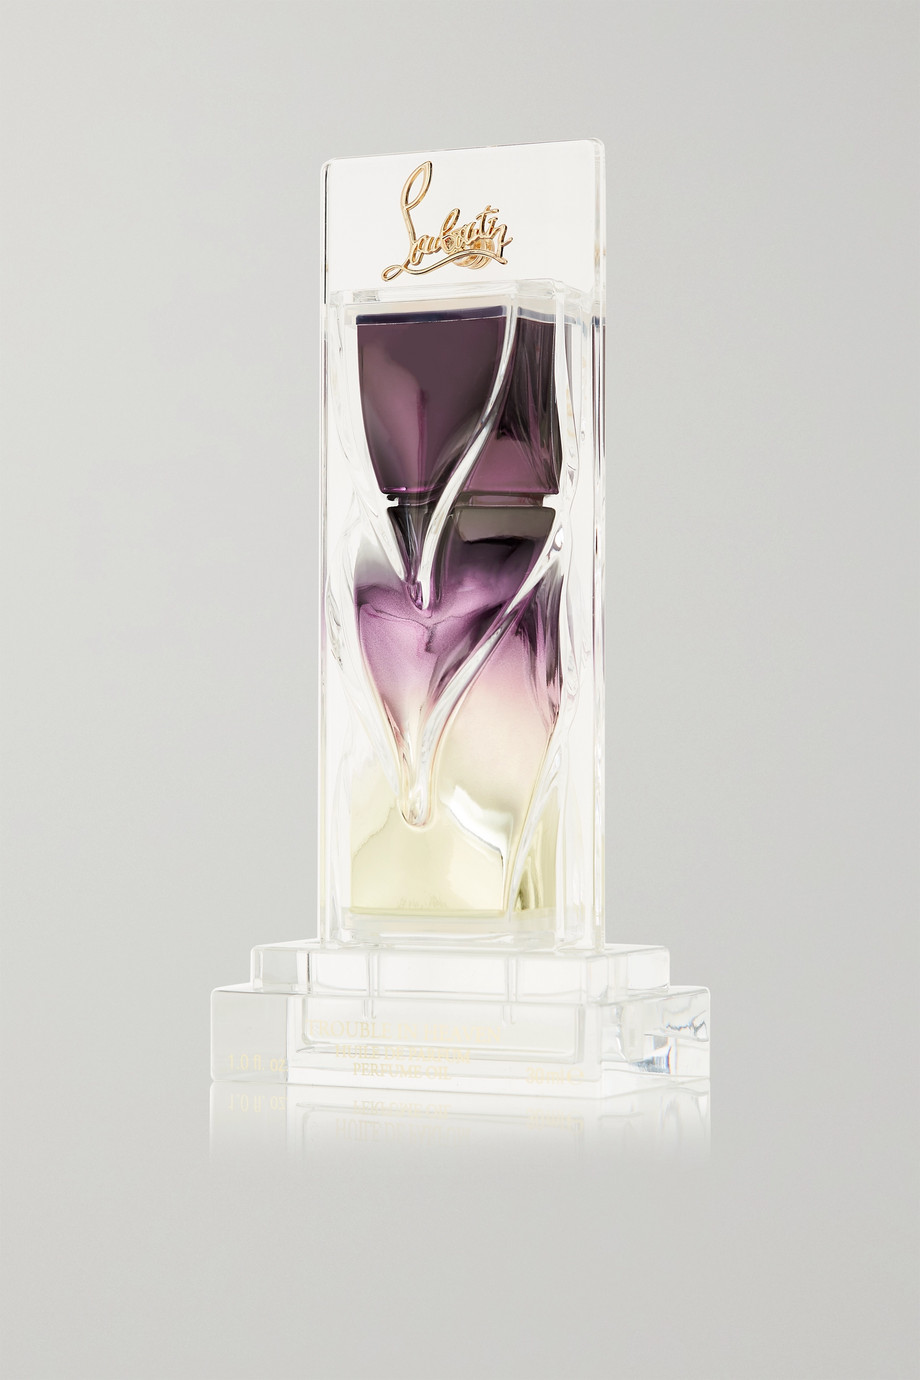 Christian Louboutin Beauty Trouble in Heaven Perfume Oil, 30ml